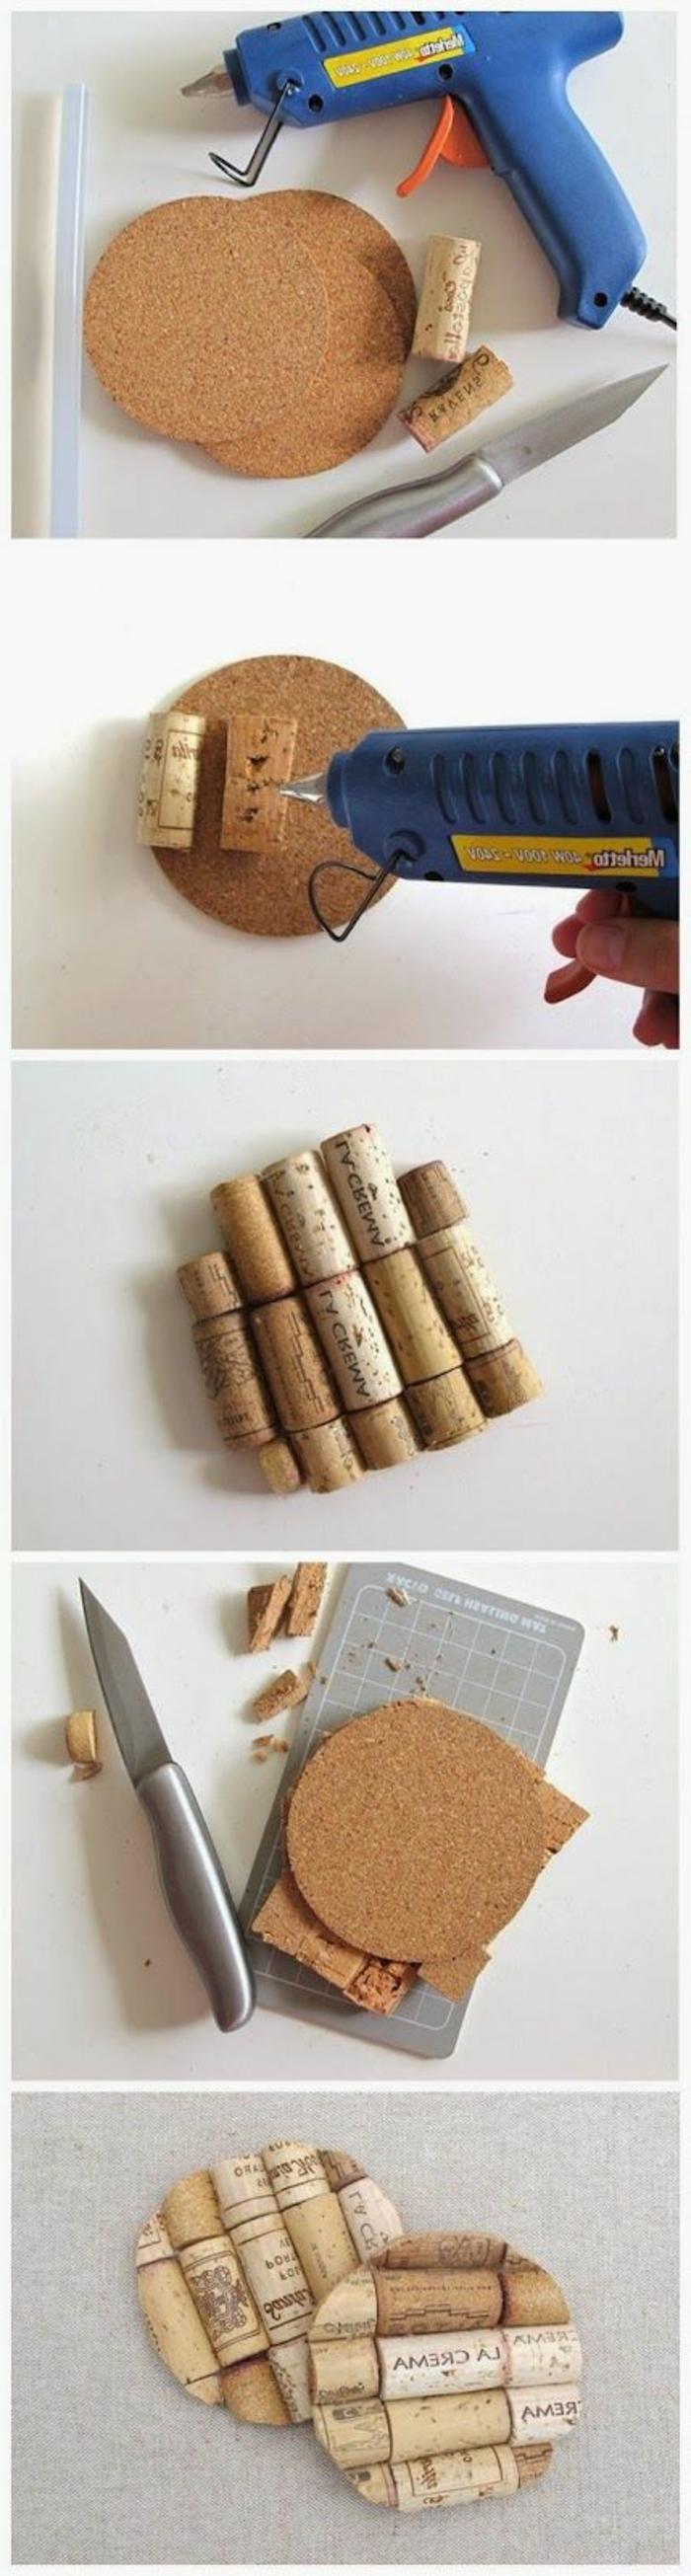 décoration bouchon liège, tapis de tasse à faire avec rondin de liège et des bouchons